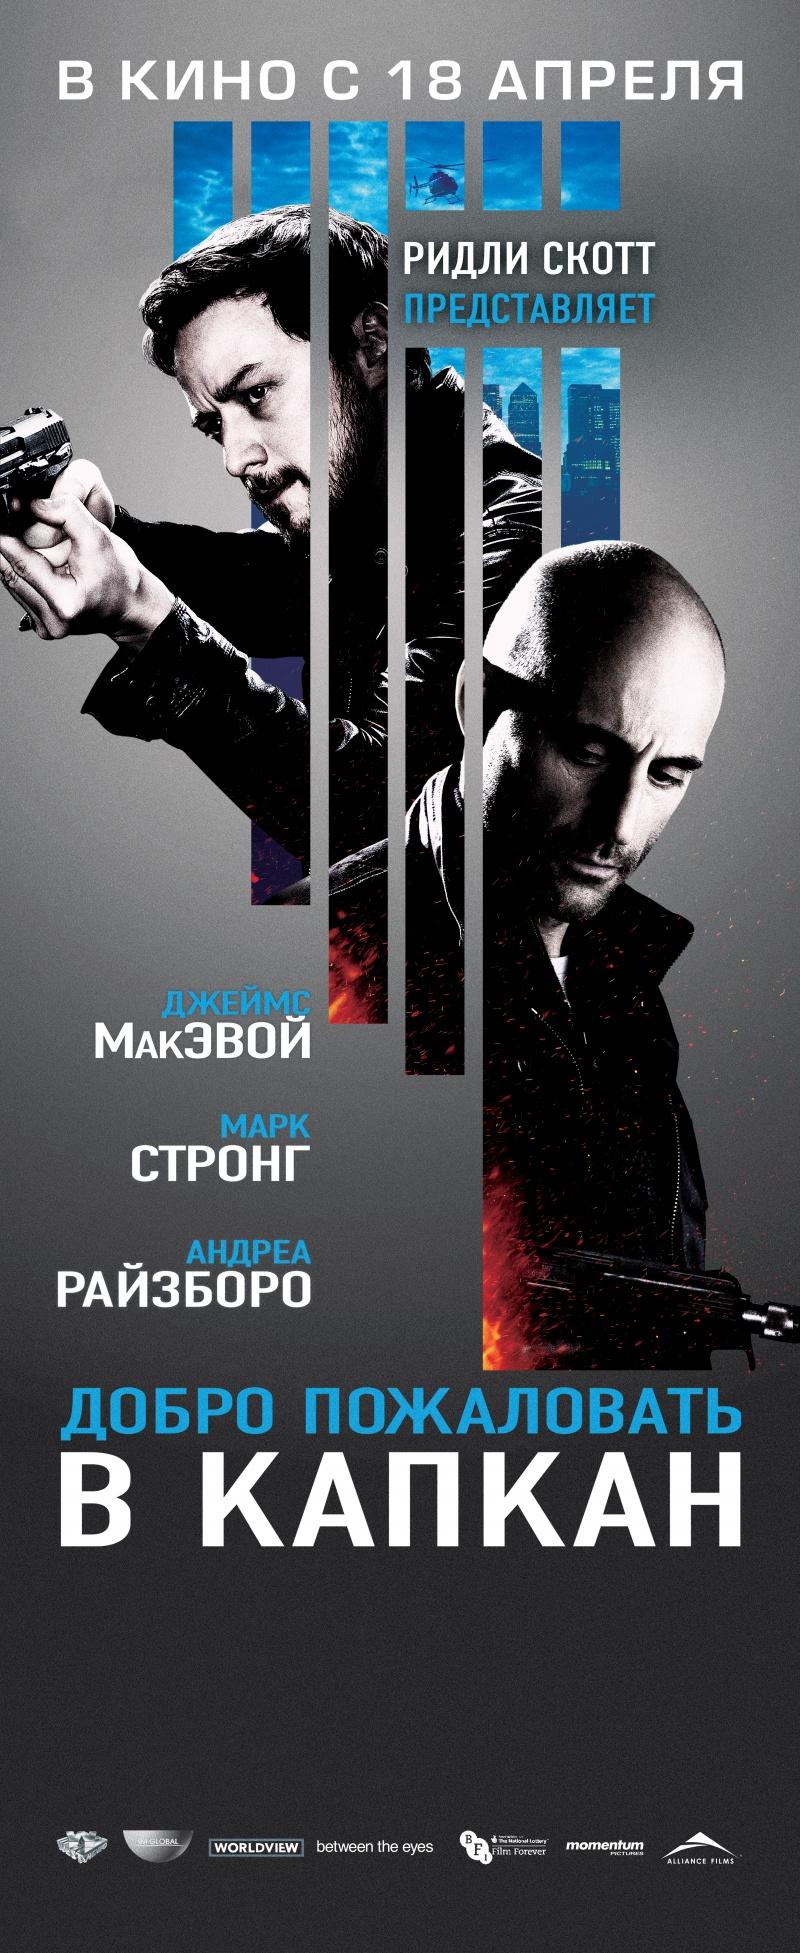 «Фильм Капкан С Абдуловым Смотреть Онлайн» — 2010